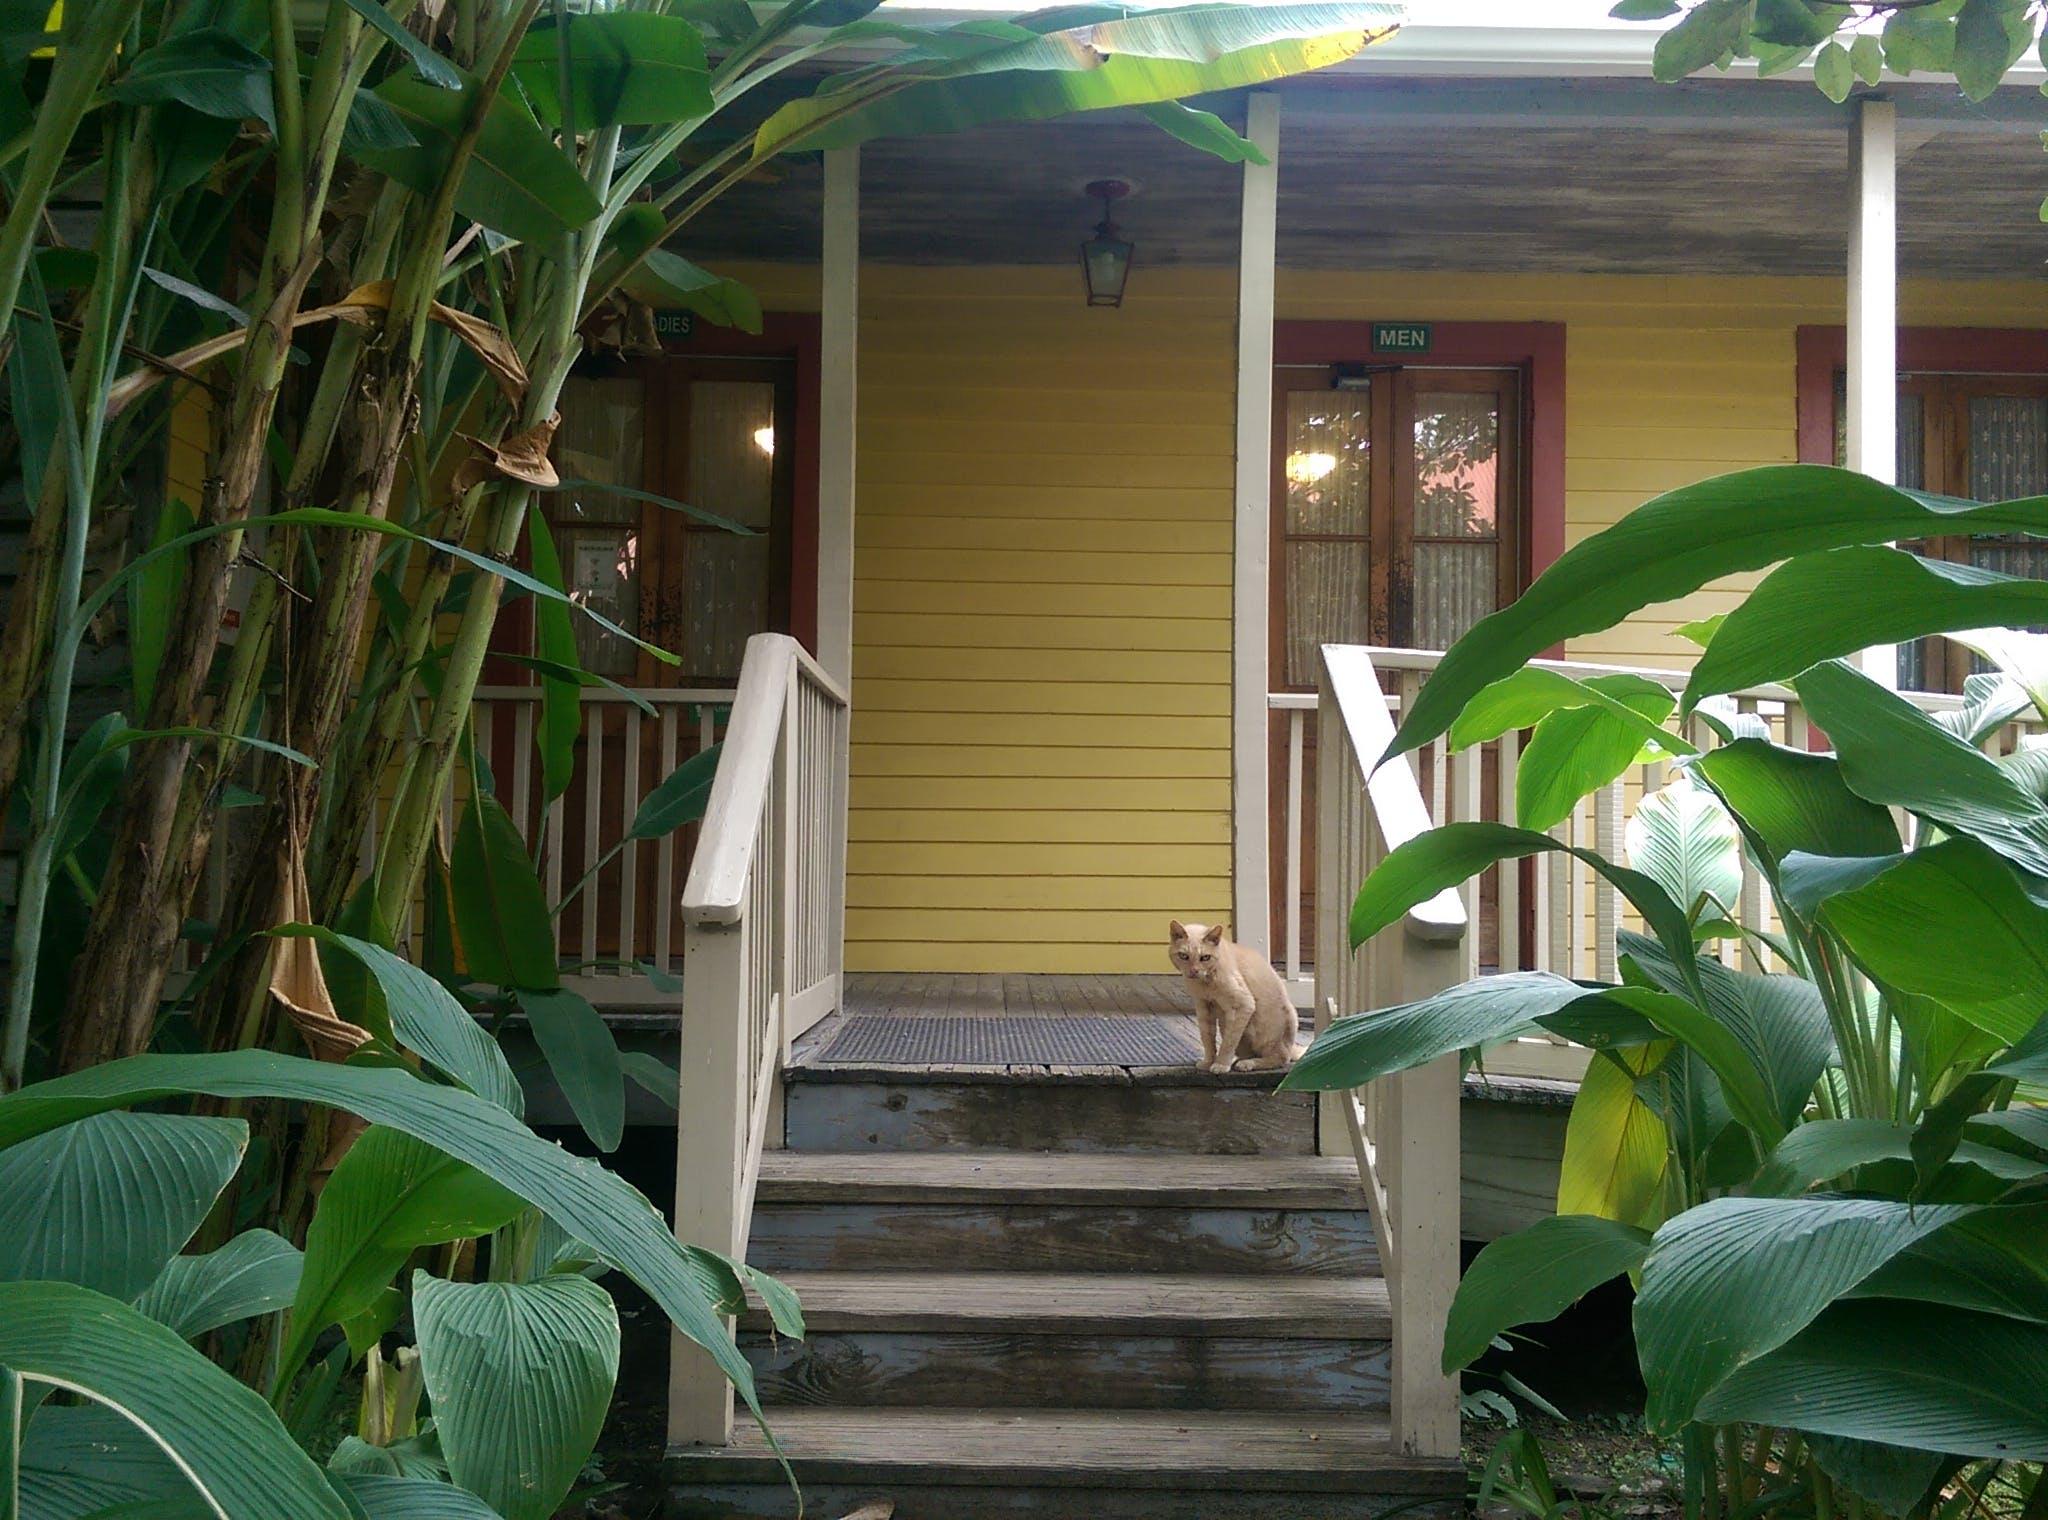 Free stock photo of cat, Laura, Louisuiana, plantation